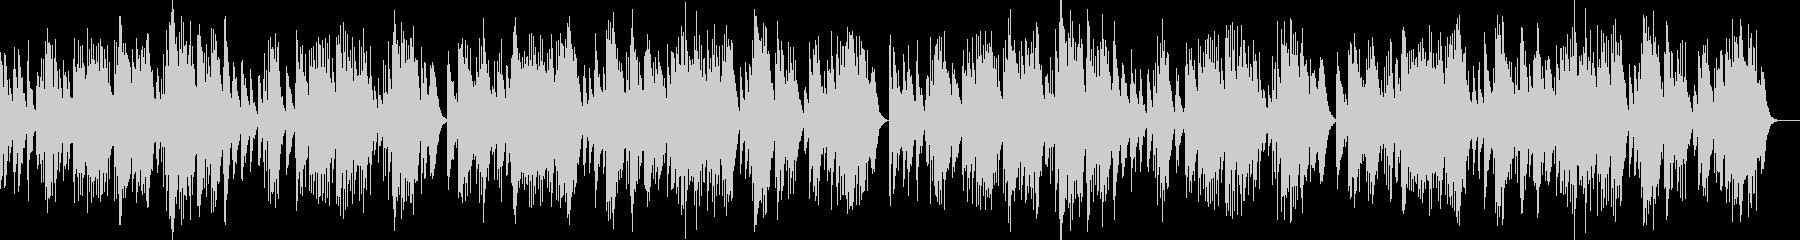 バッハ 「G線上のアリア」オルゴール の未再生の波形